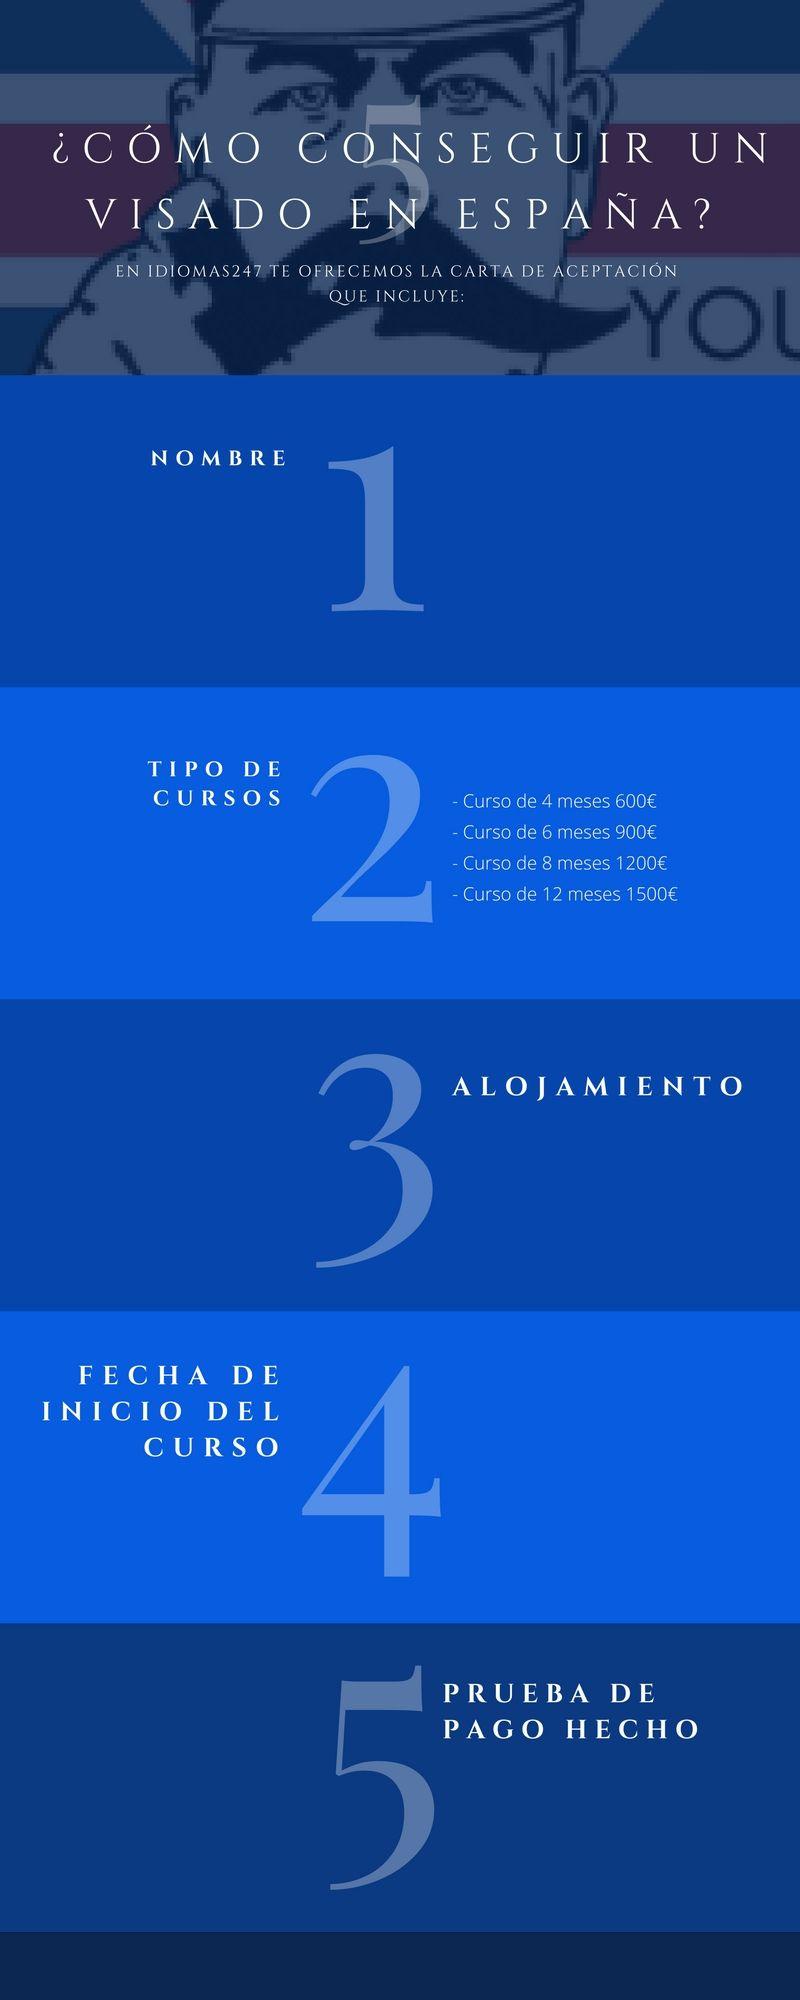 Consigue Tu Visa Para Estudiar Idiomas En Espana Con Idiomas247